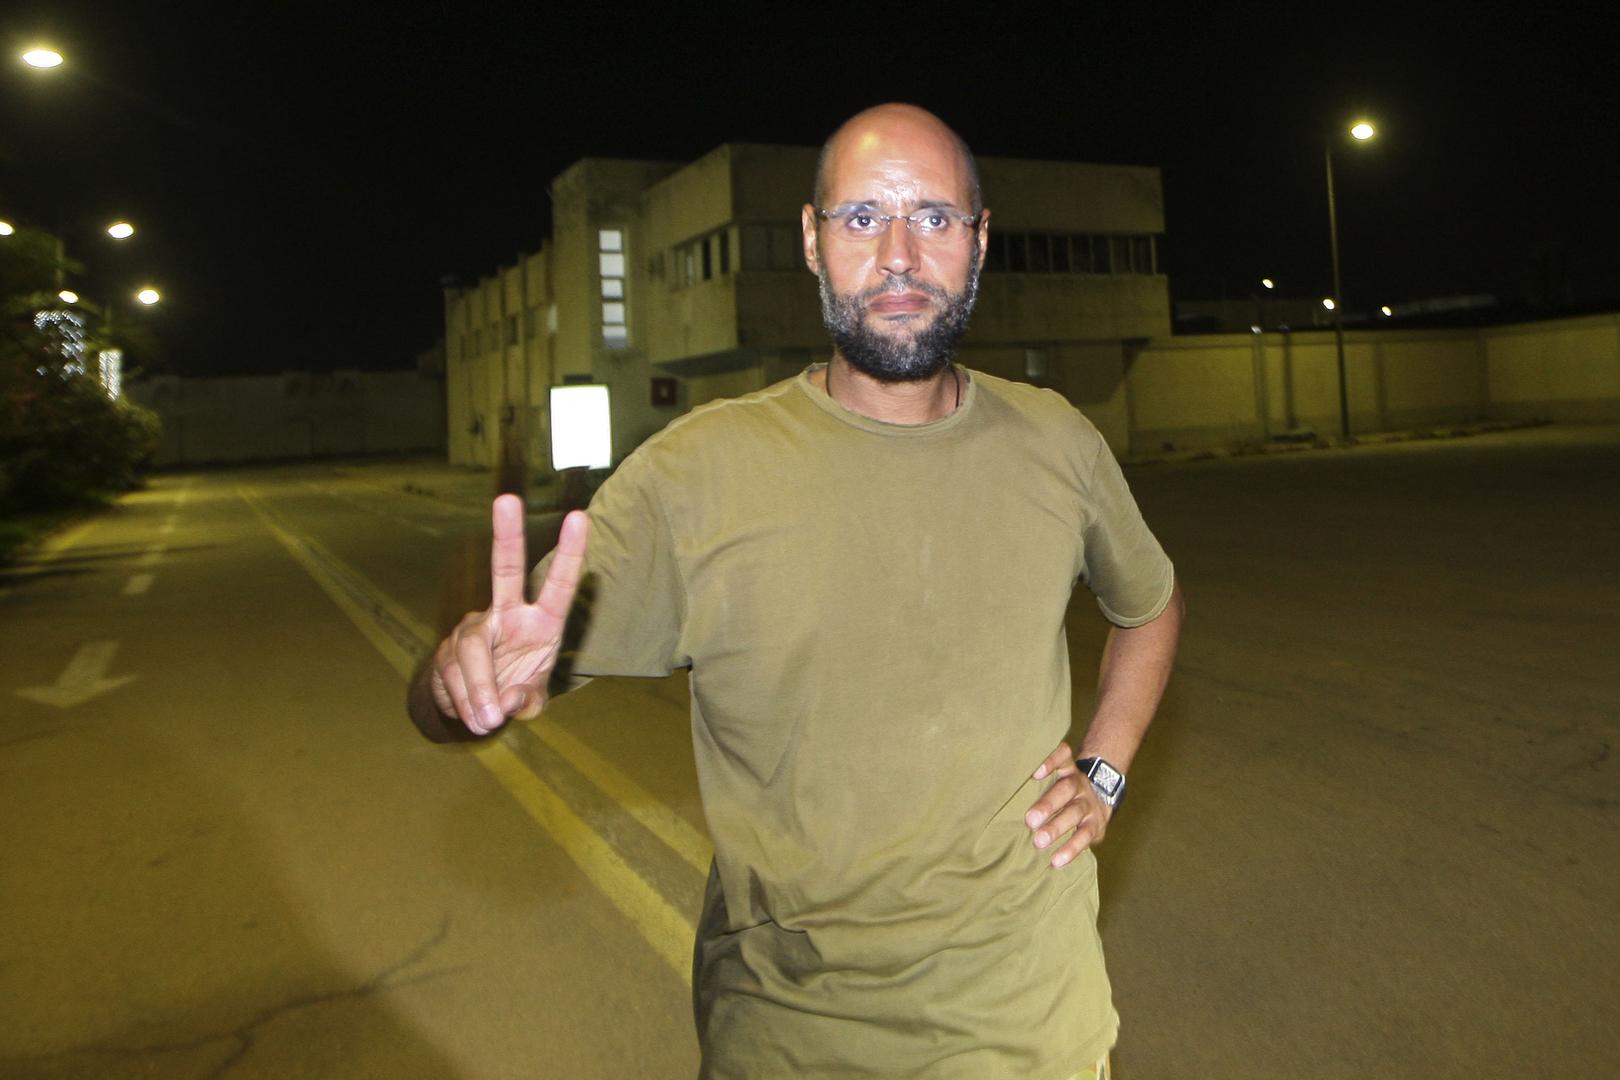 ابن عم الزعيم الليبي الراحل: سيف الإسلام سيفوز بأغلبية ساحقة إذا نظمت انتخابات